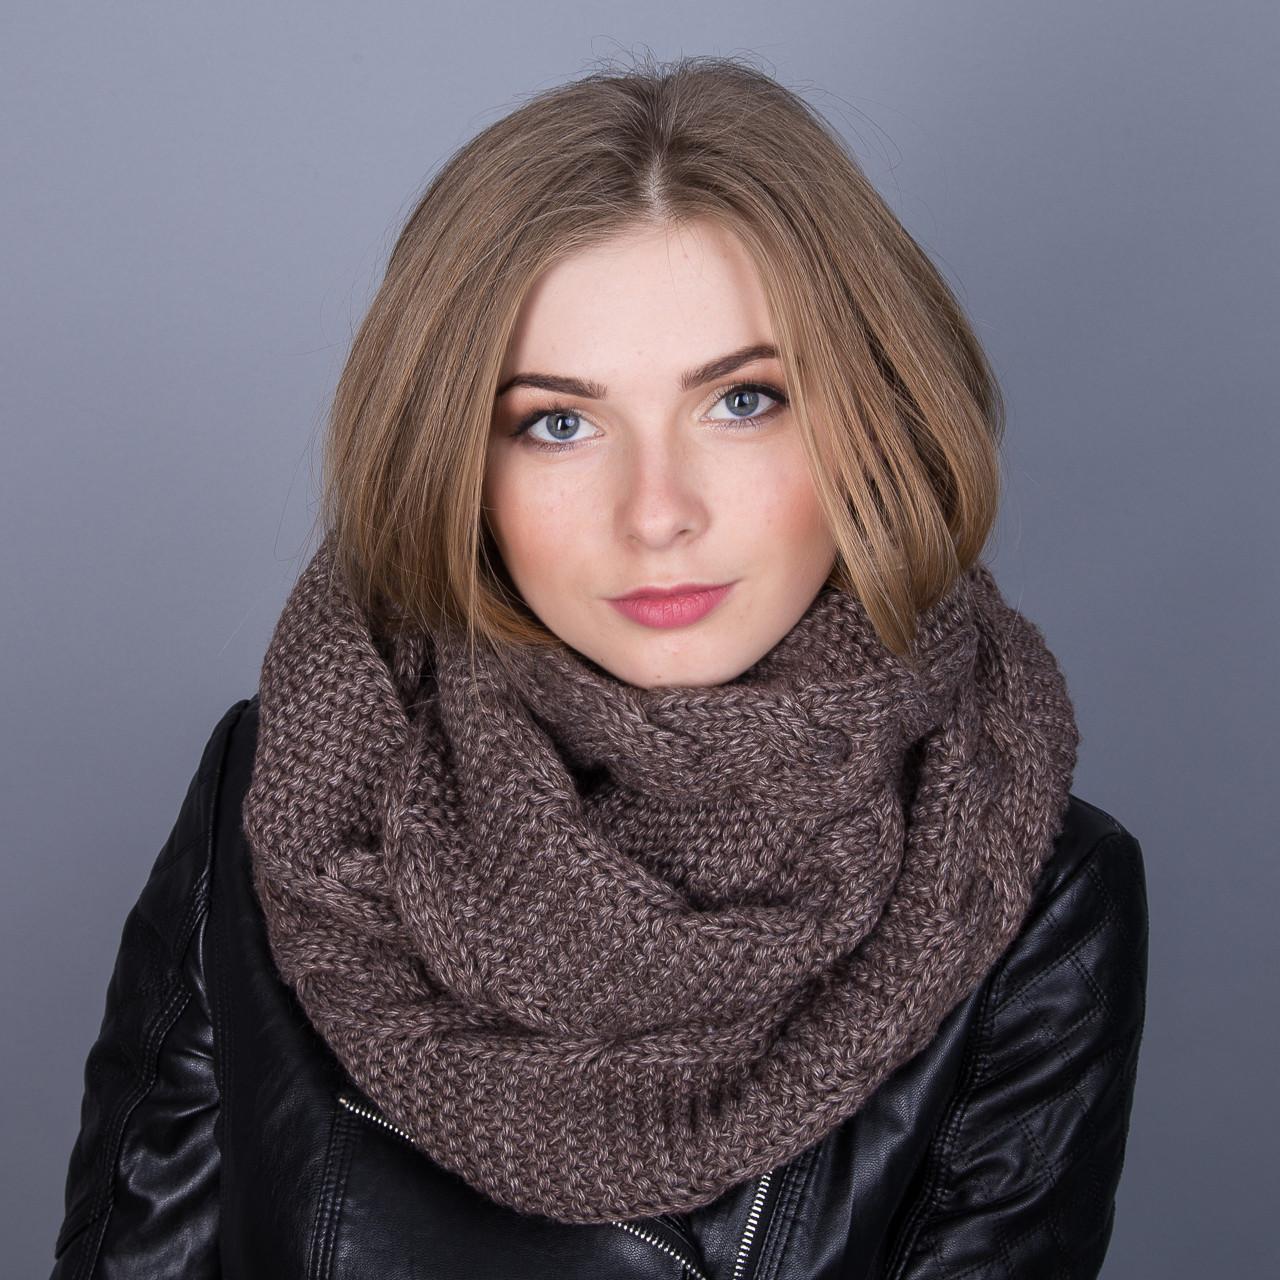 Стильныйснуд (хомут)для девушек крупной вязки из ангорки - Артикул ТХ-1E